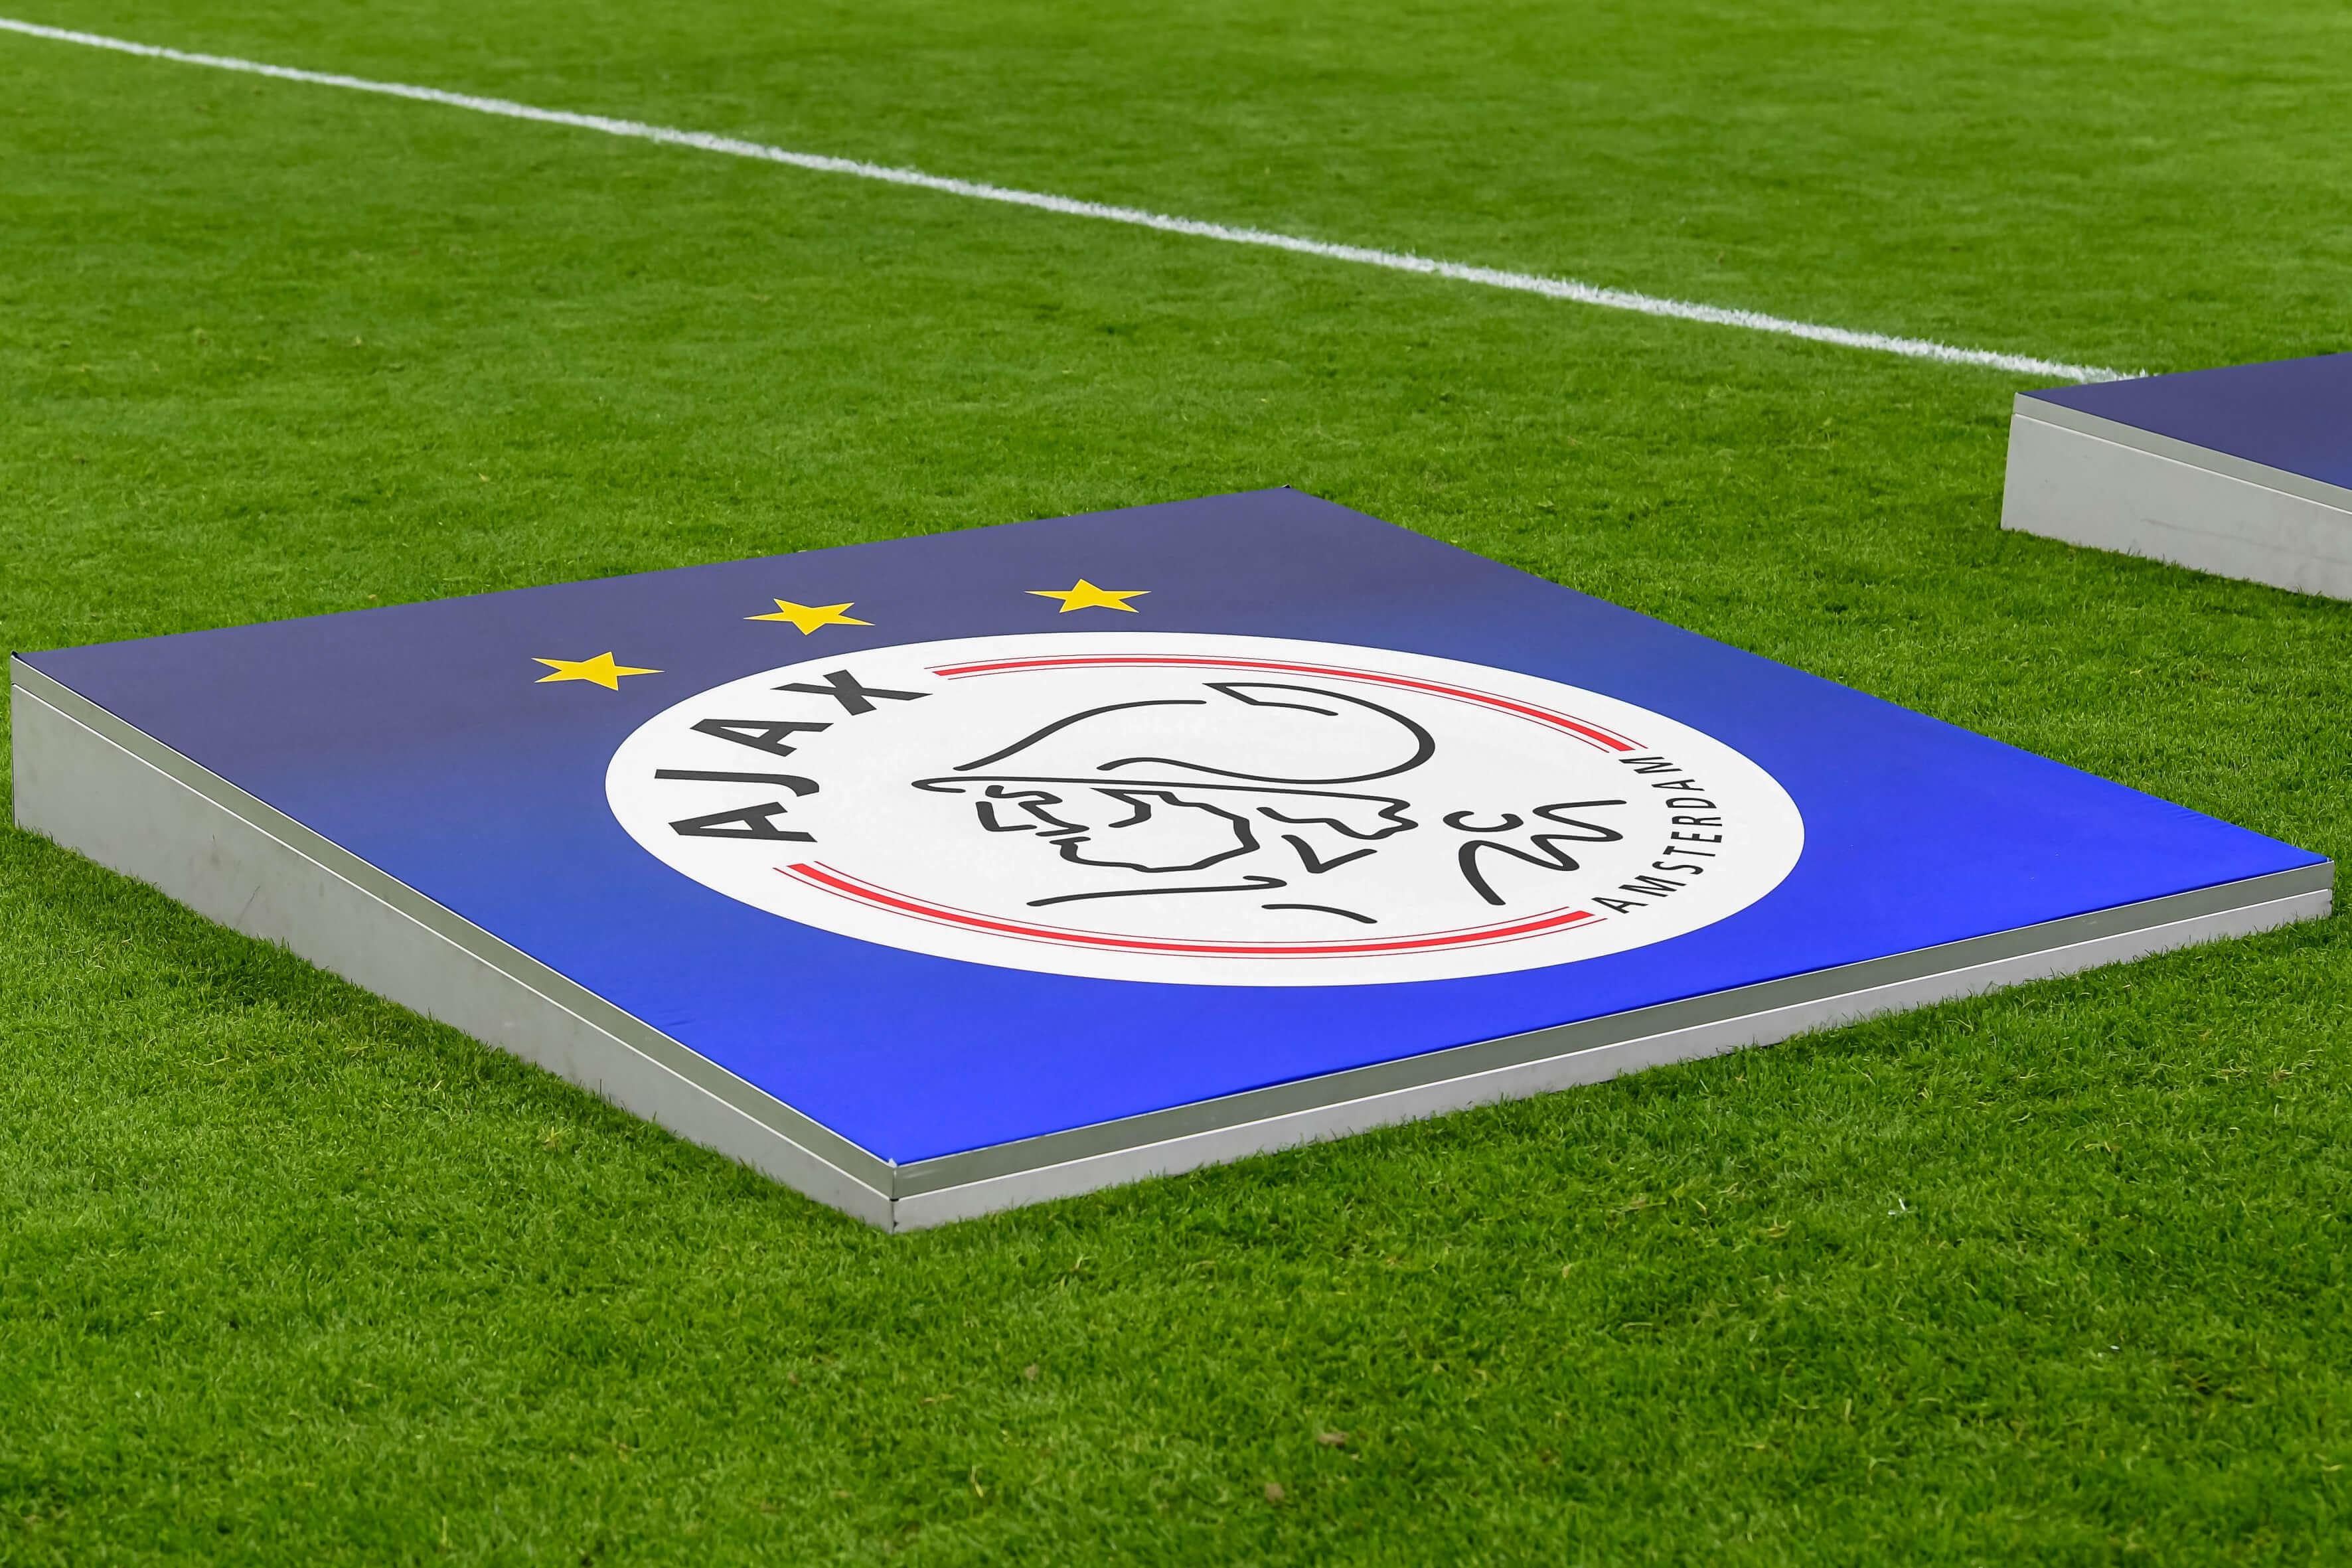 Ajax schakelt FIFA in voor hulp om transfer Giovanni af te kunnen ronden; image source: Pro Shots